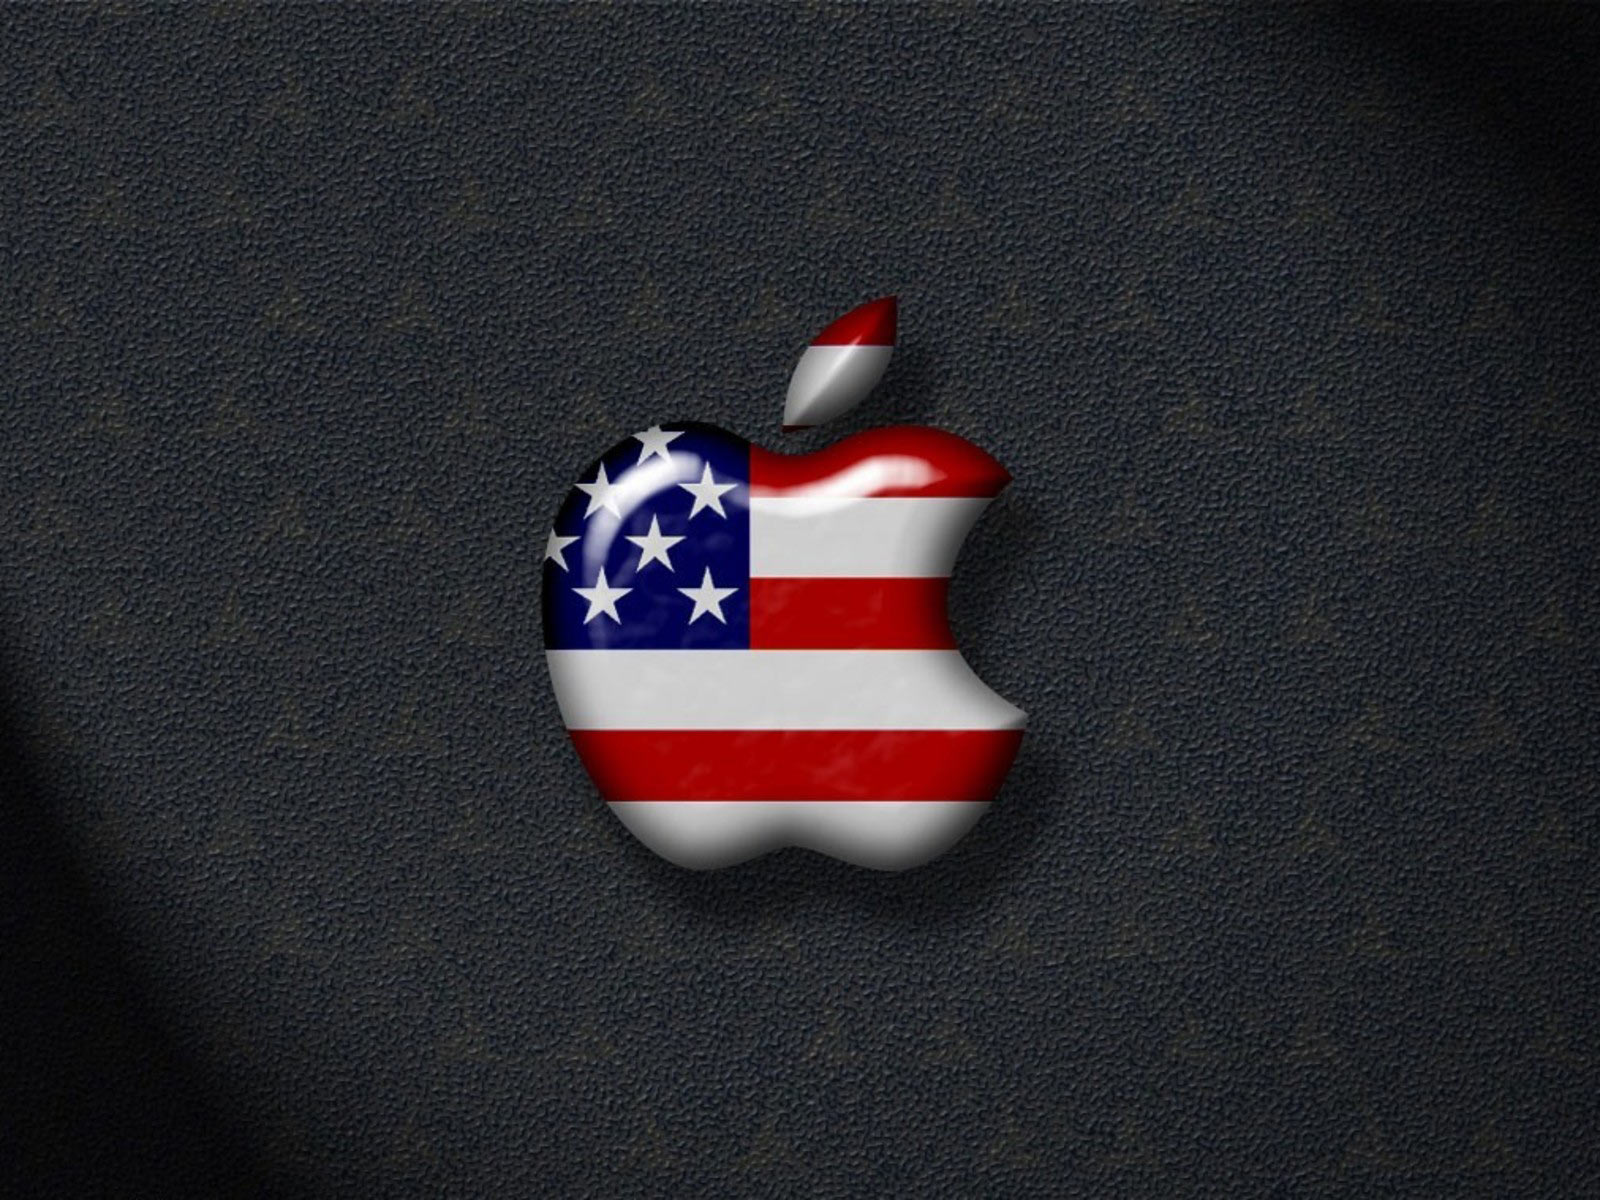 USA_apple